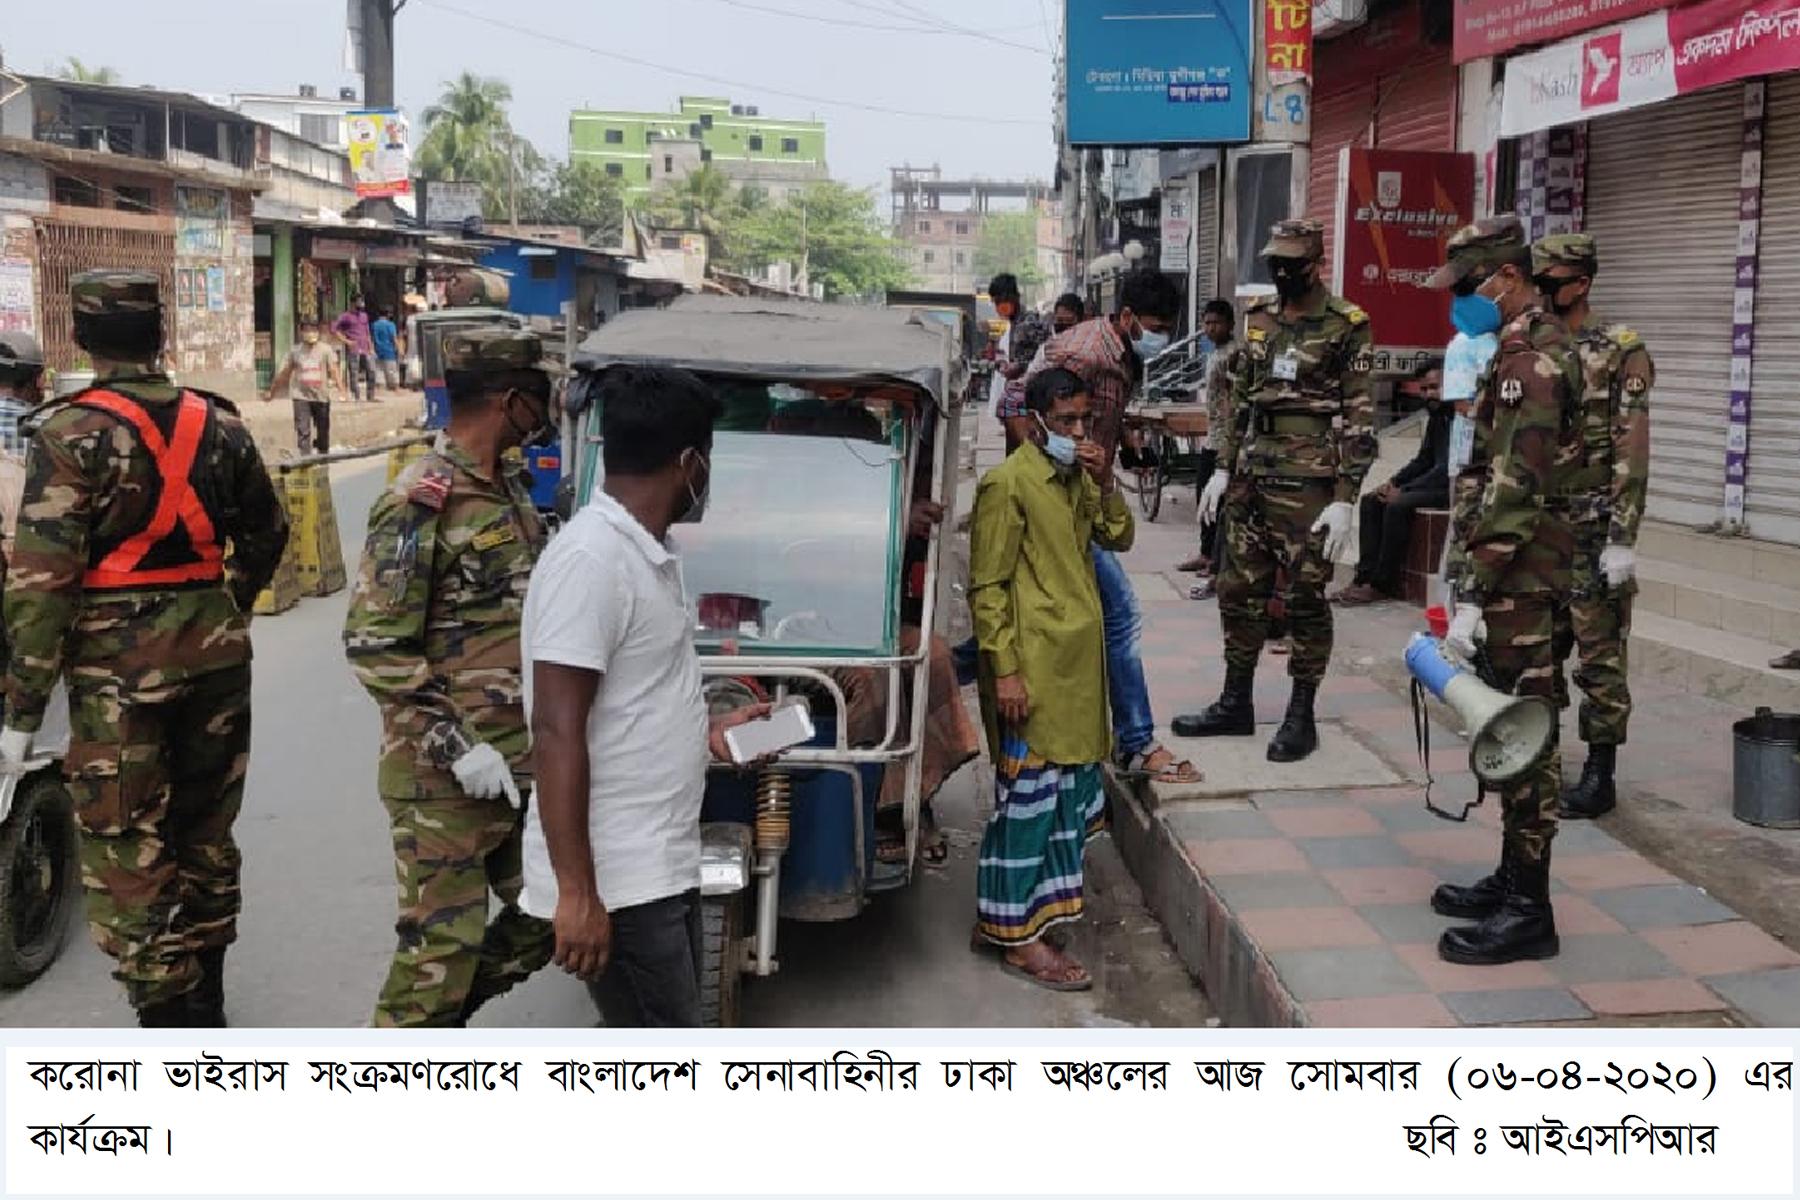 Dhaka - 02